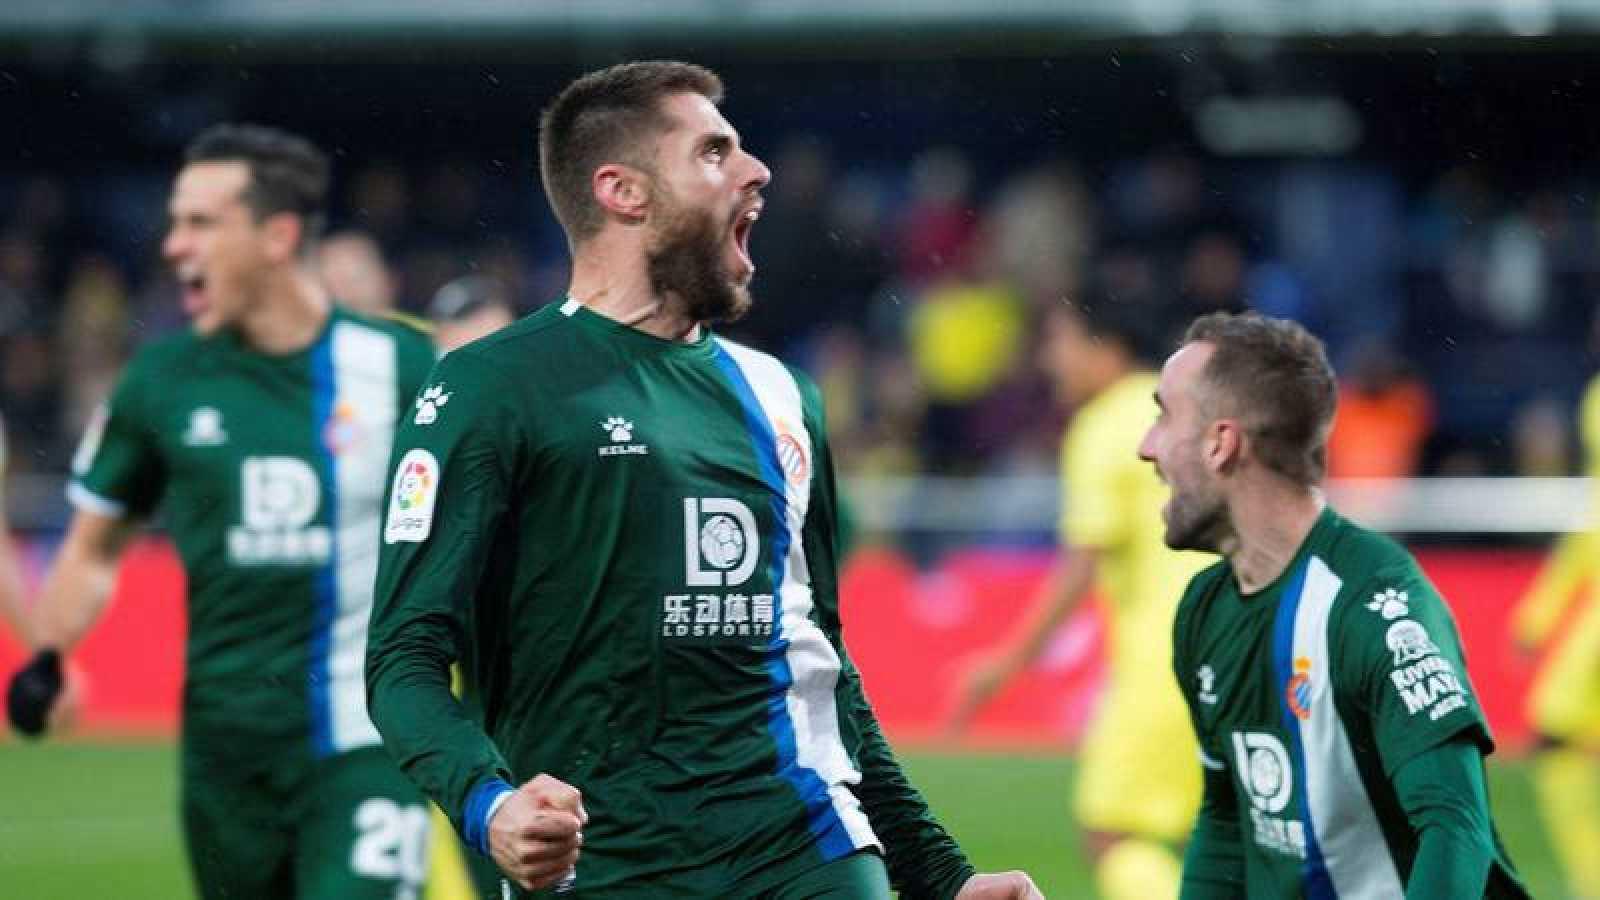 El centrocampista David López (c) del RCD Espanyol celebra su gol frente al Villarreal.